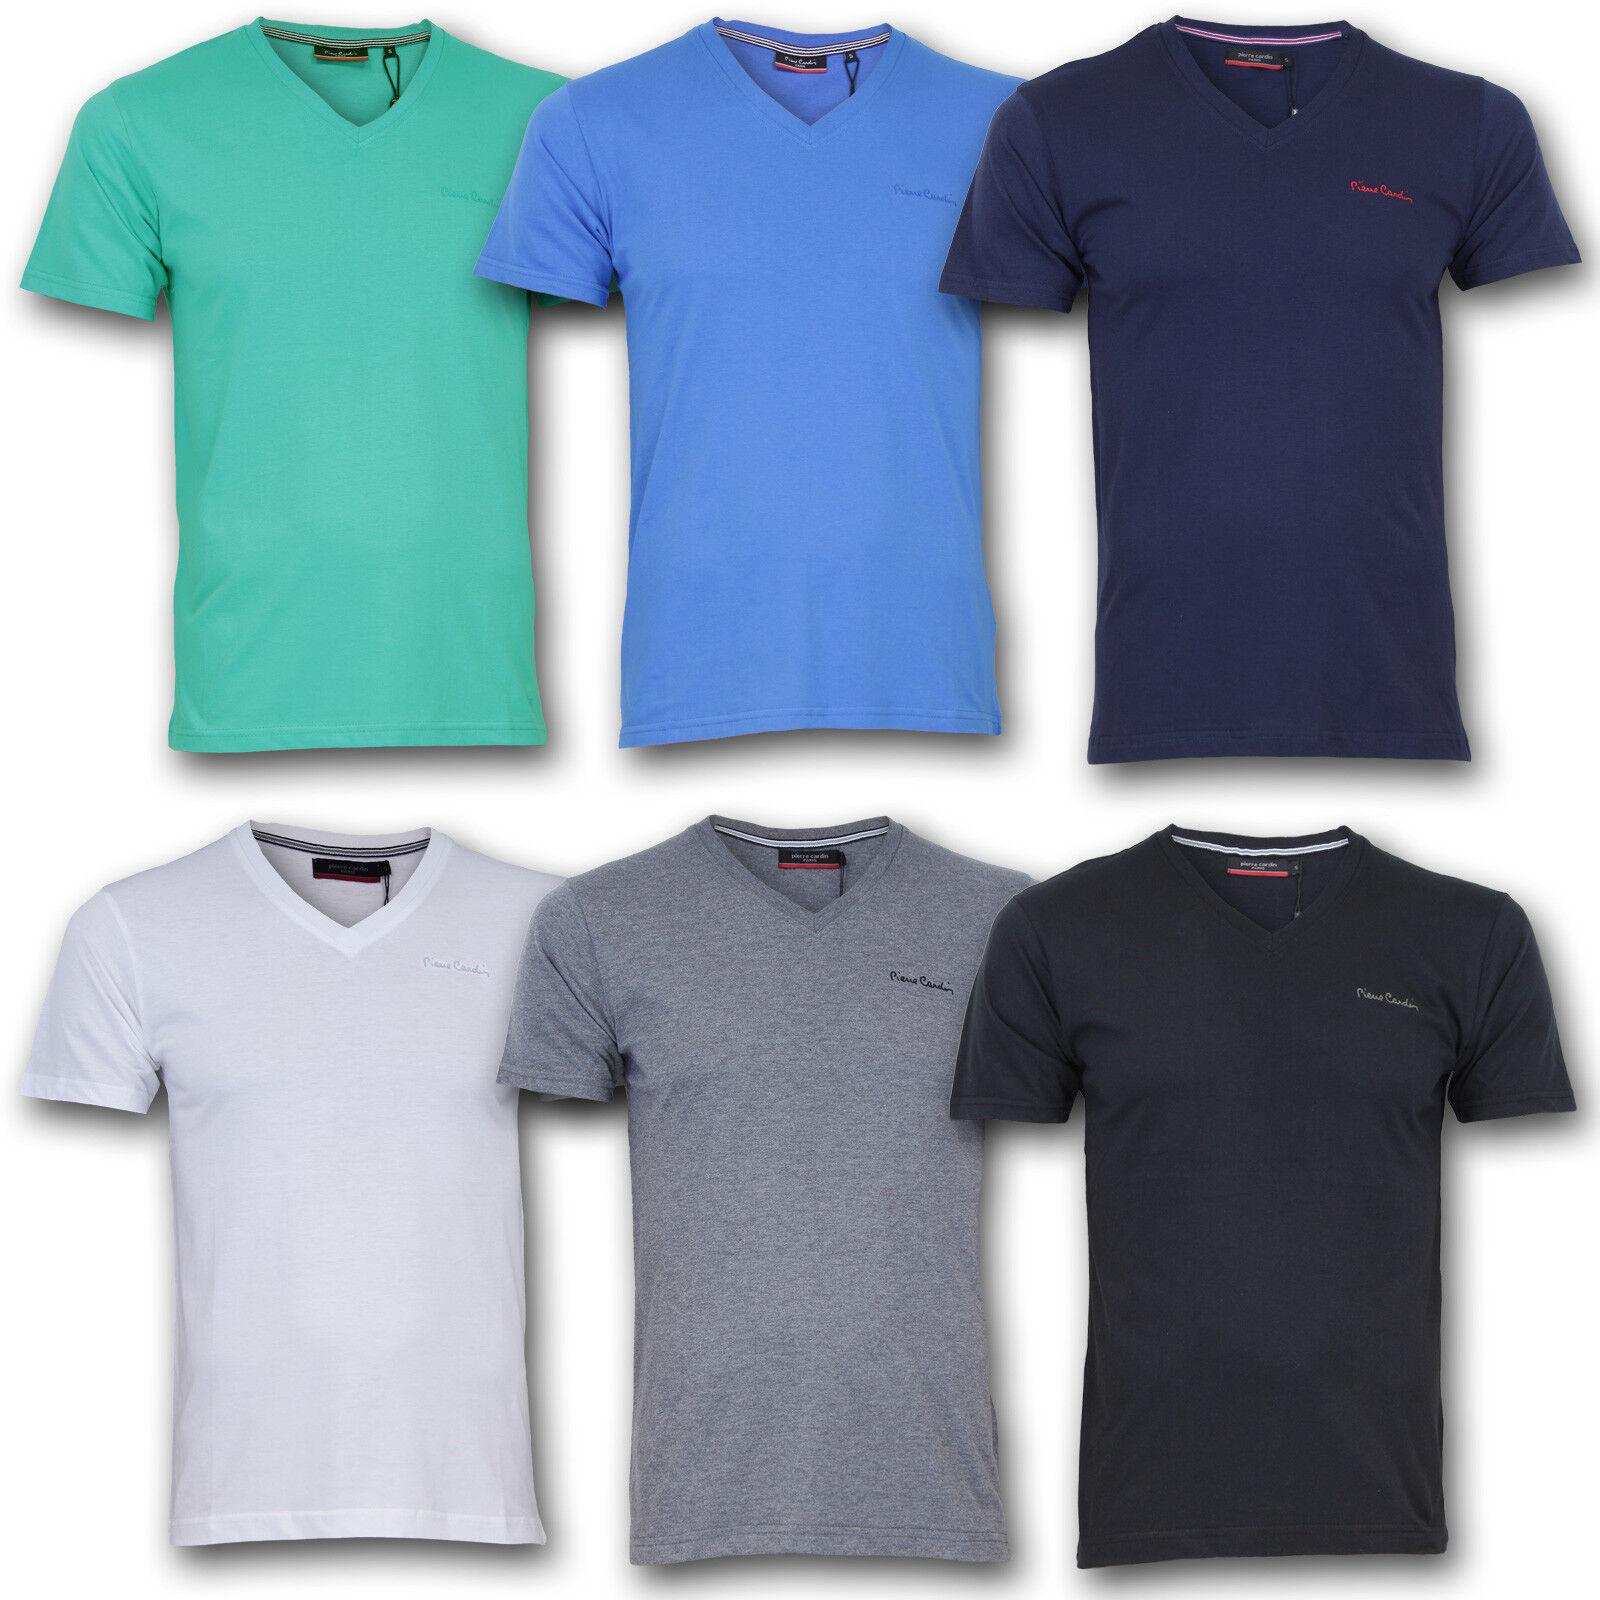 6d85d8cf05cc8d Pierre Cardin Shirt TShirt T-Shirt V-Ausschnitt Herren S M L XL 2XL 3XL 4XL